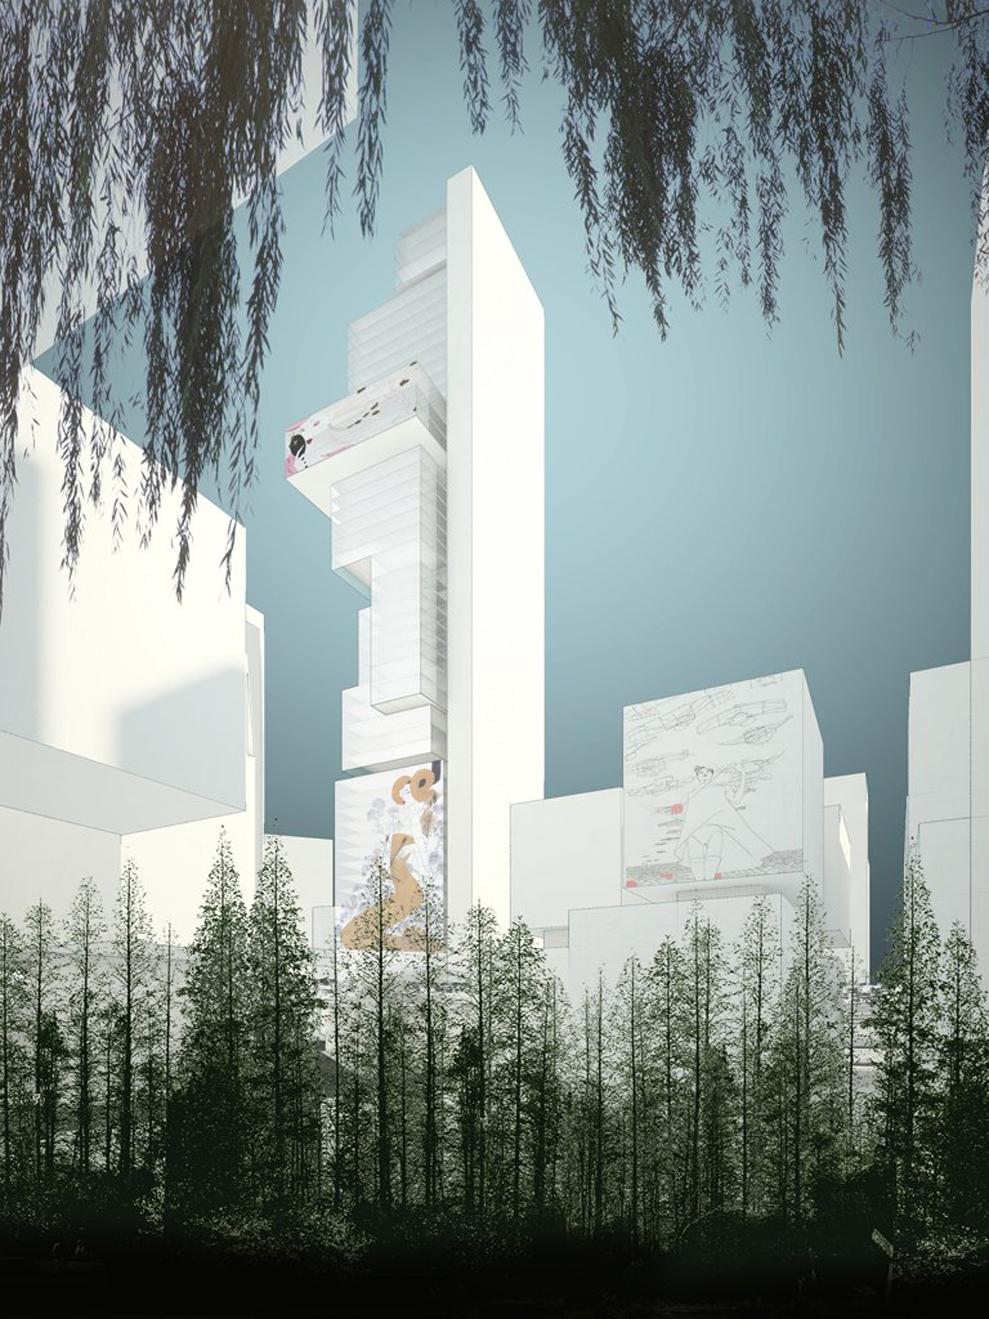 Ningbo 09 - High-rise